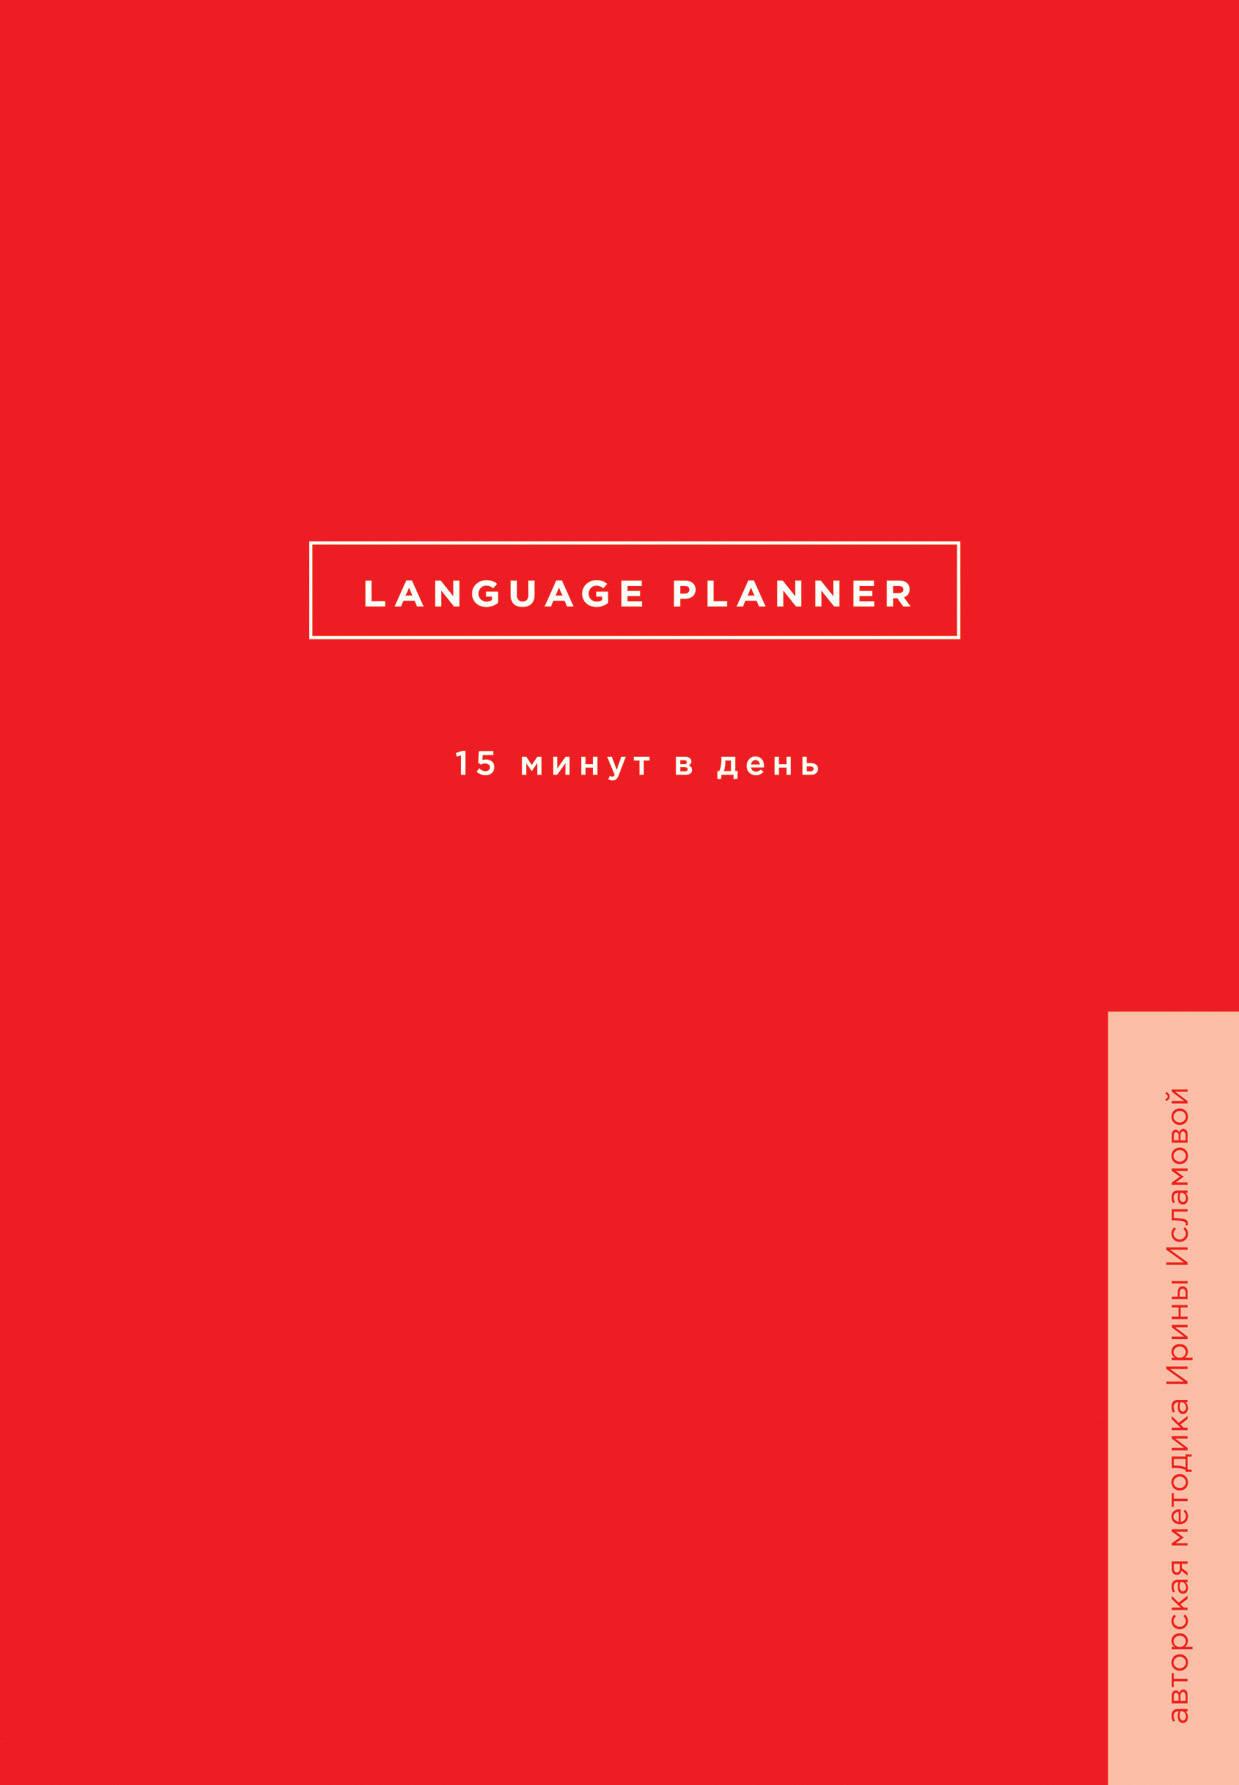 Language planner. 15 минут в день